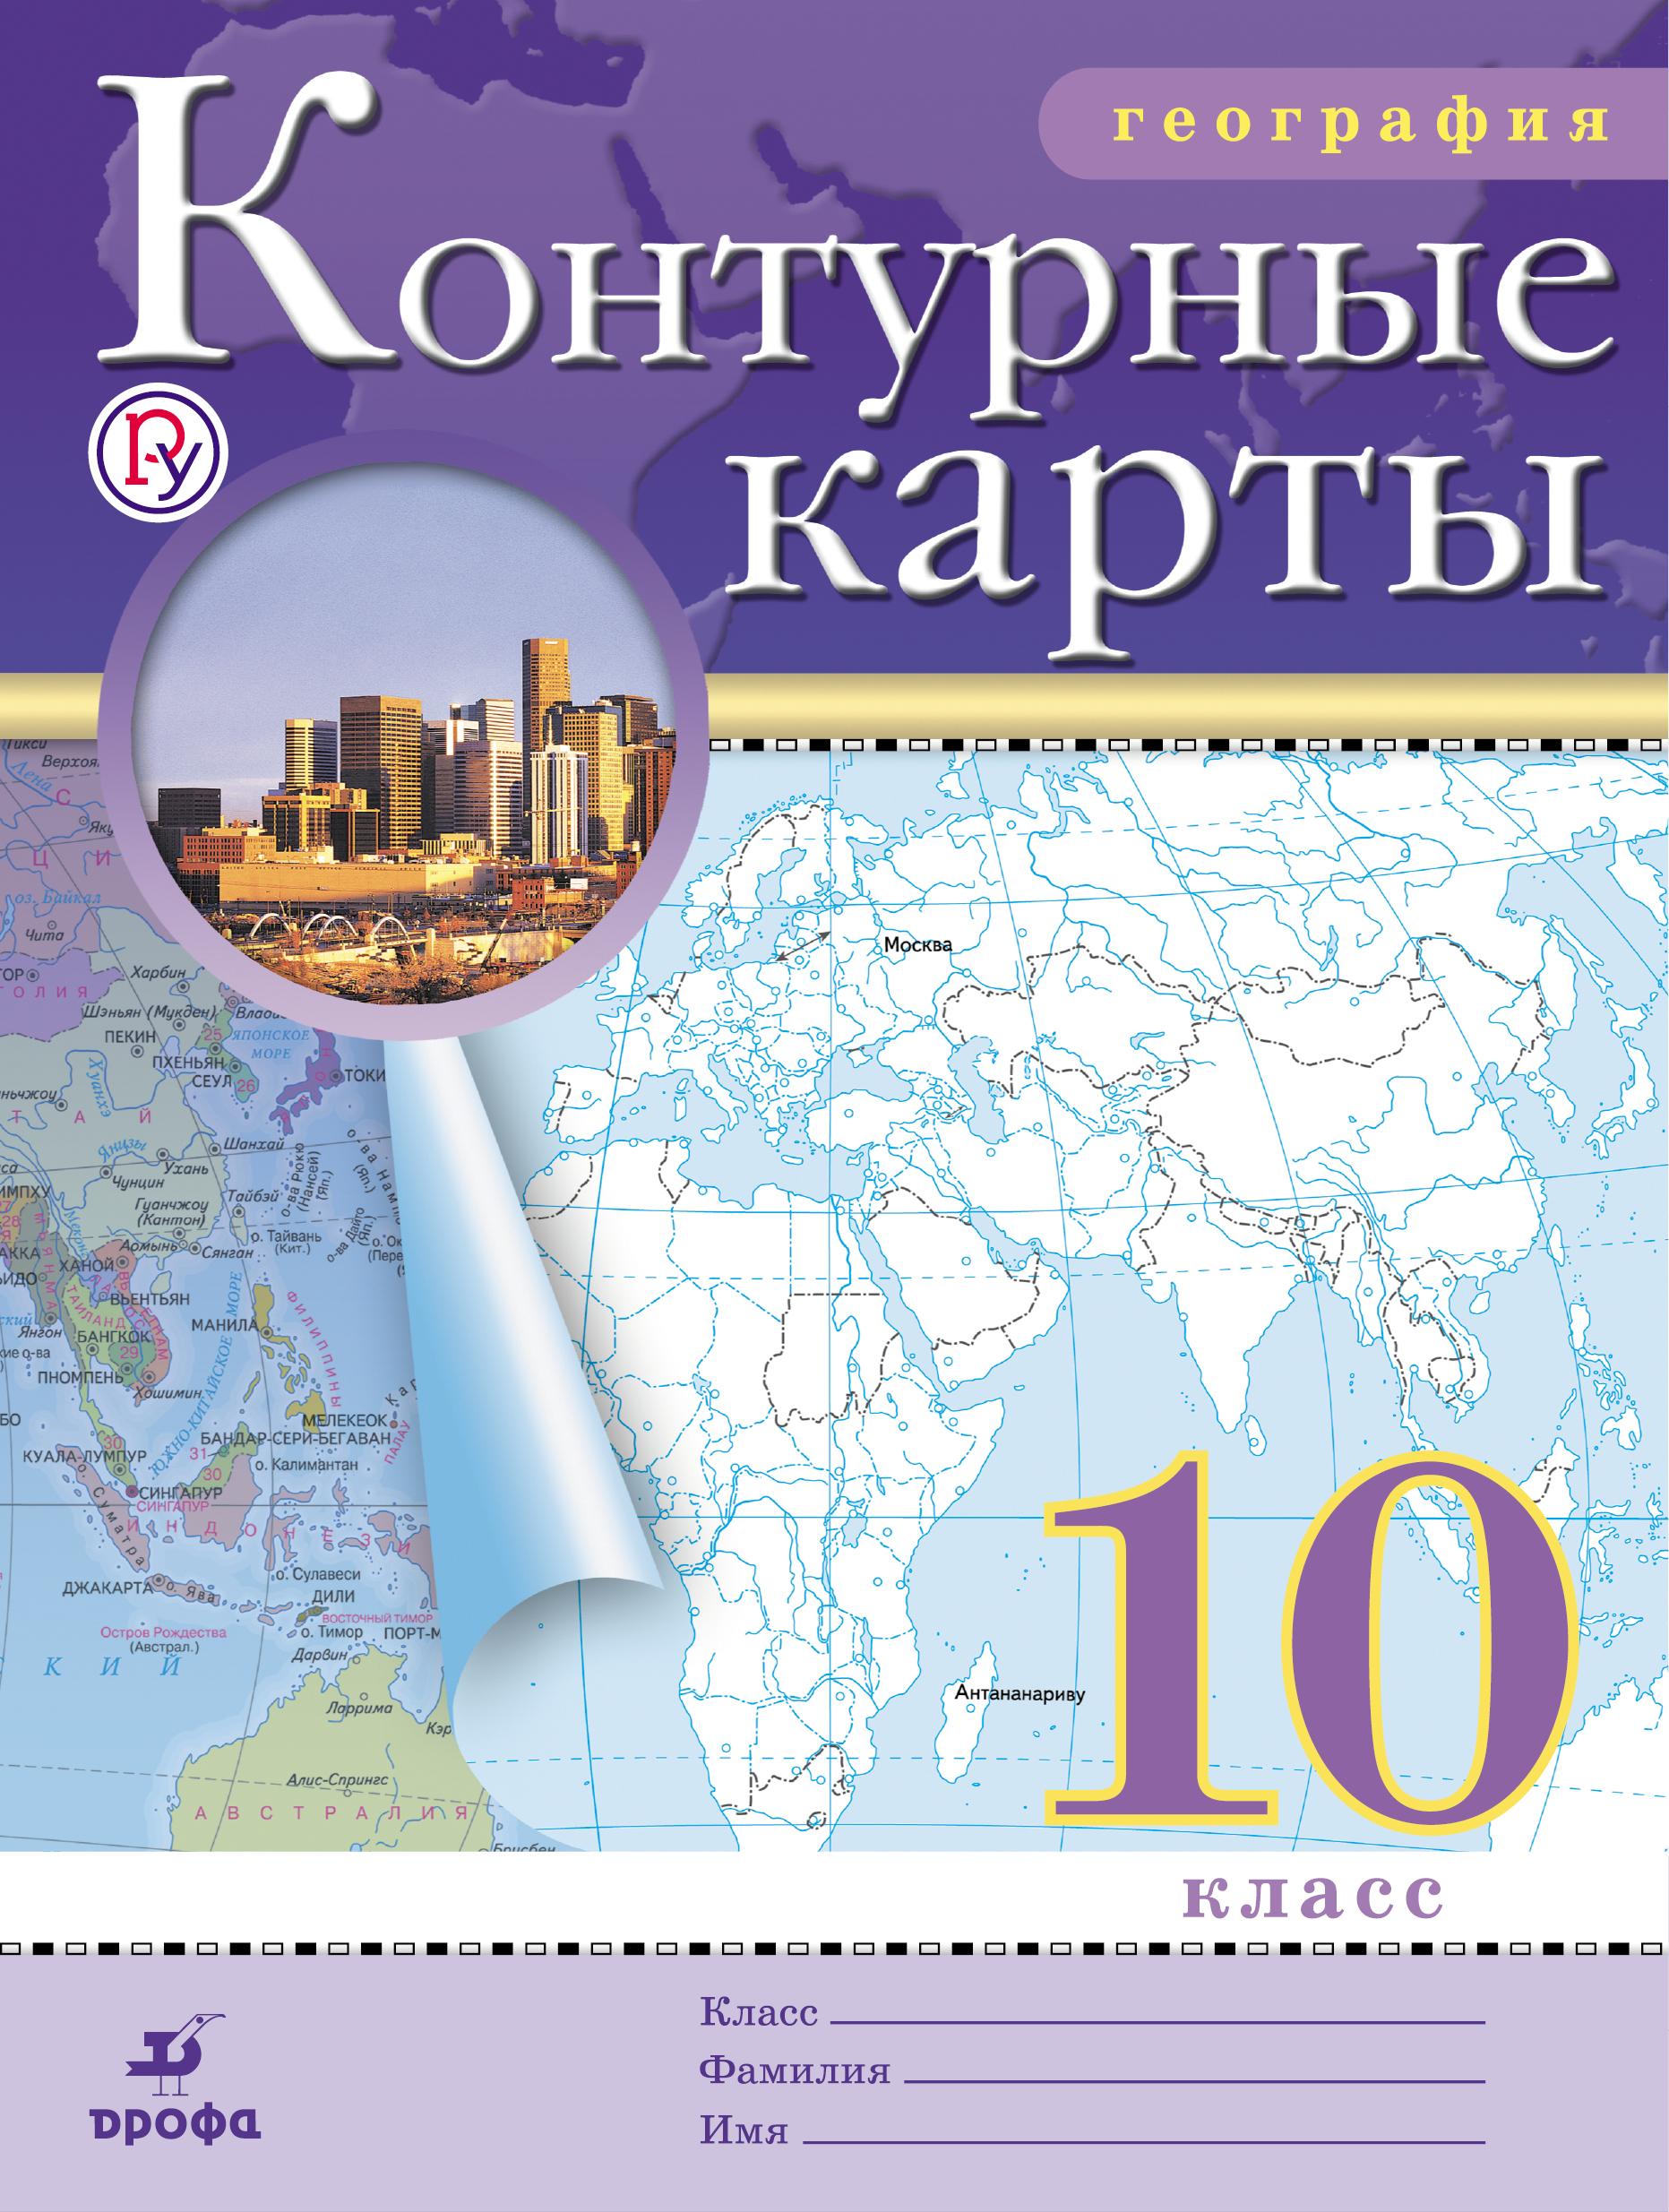 Задания ВПР по географии и класс География 10 класс Контурные карты